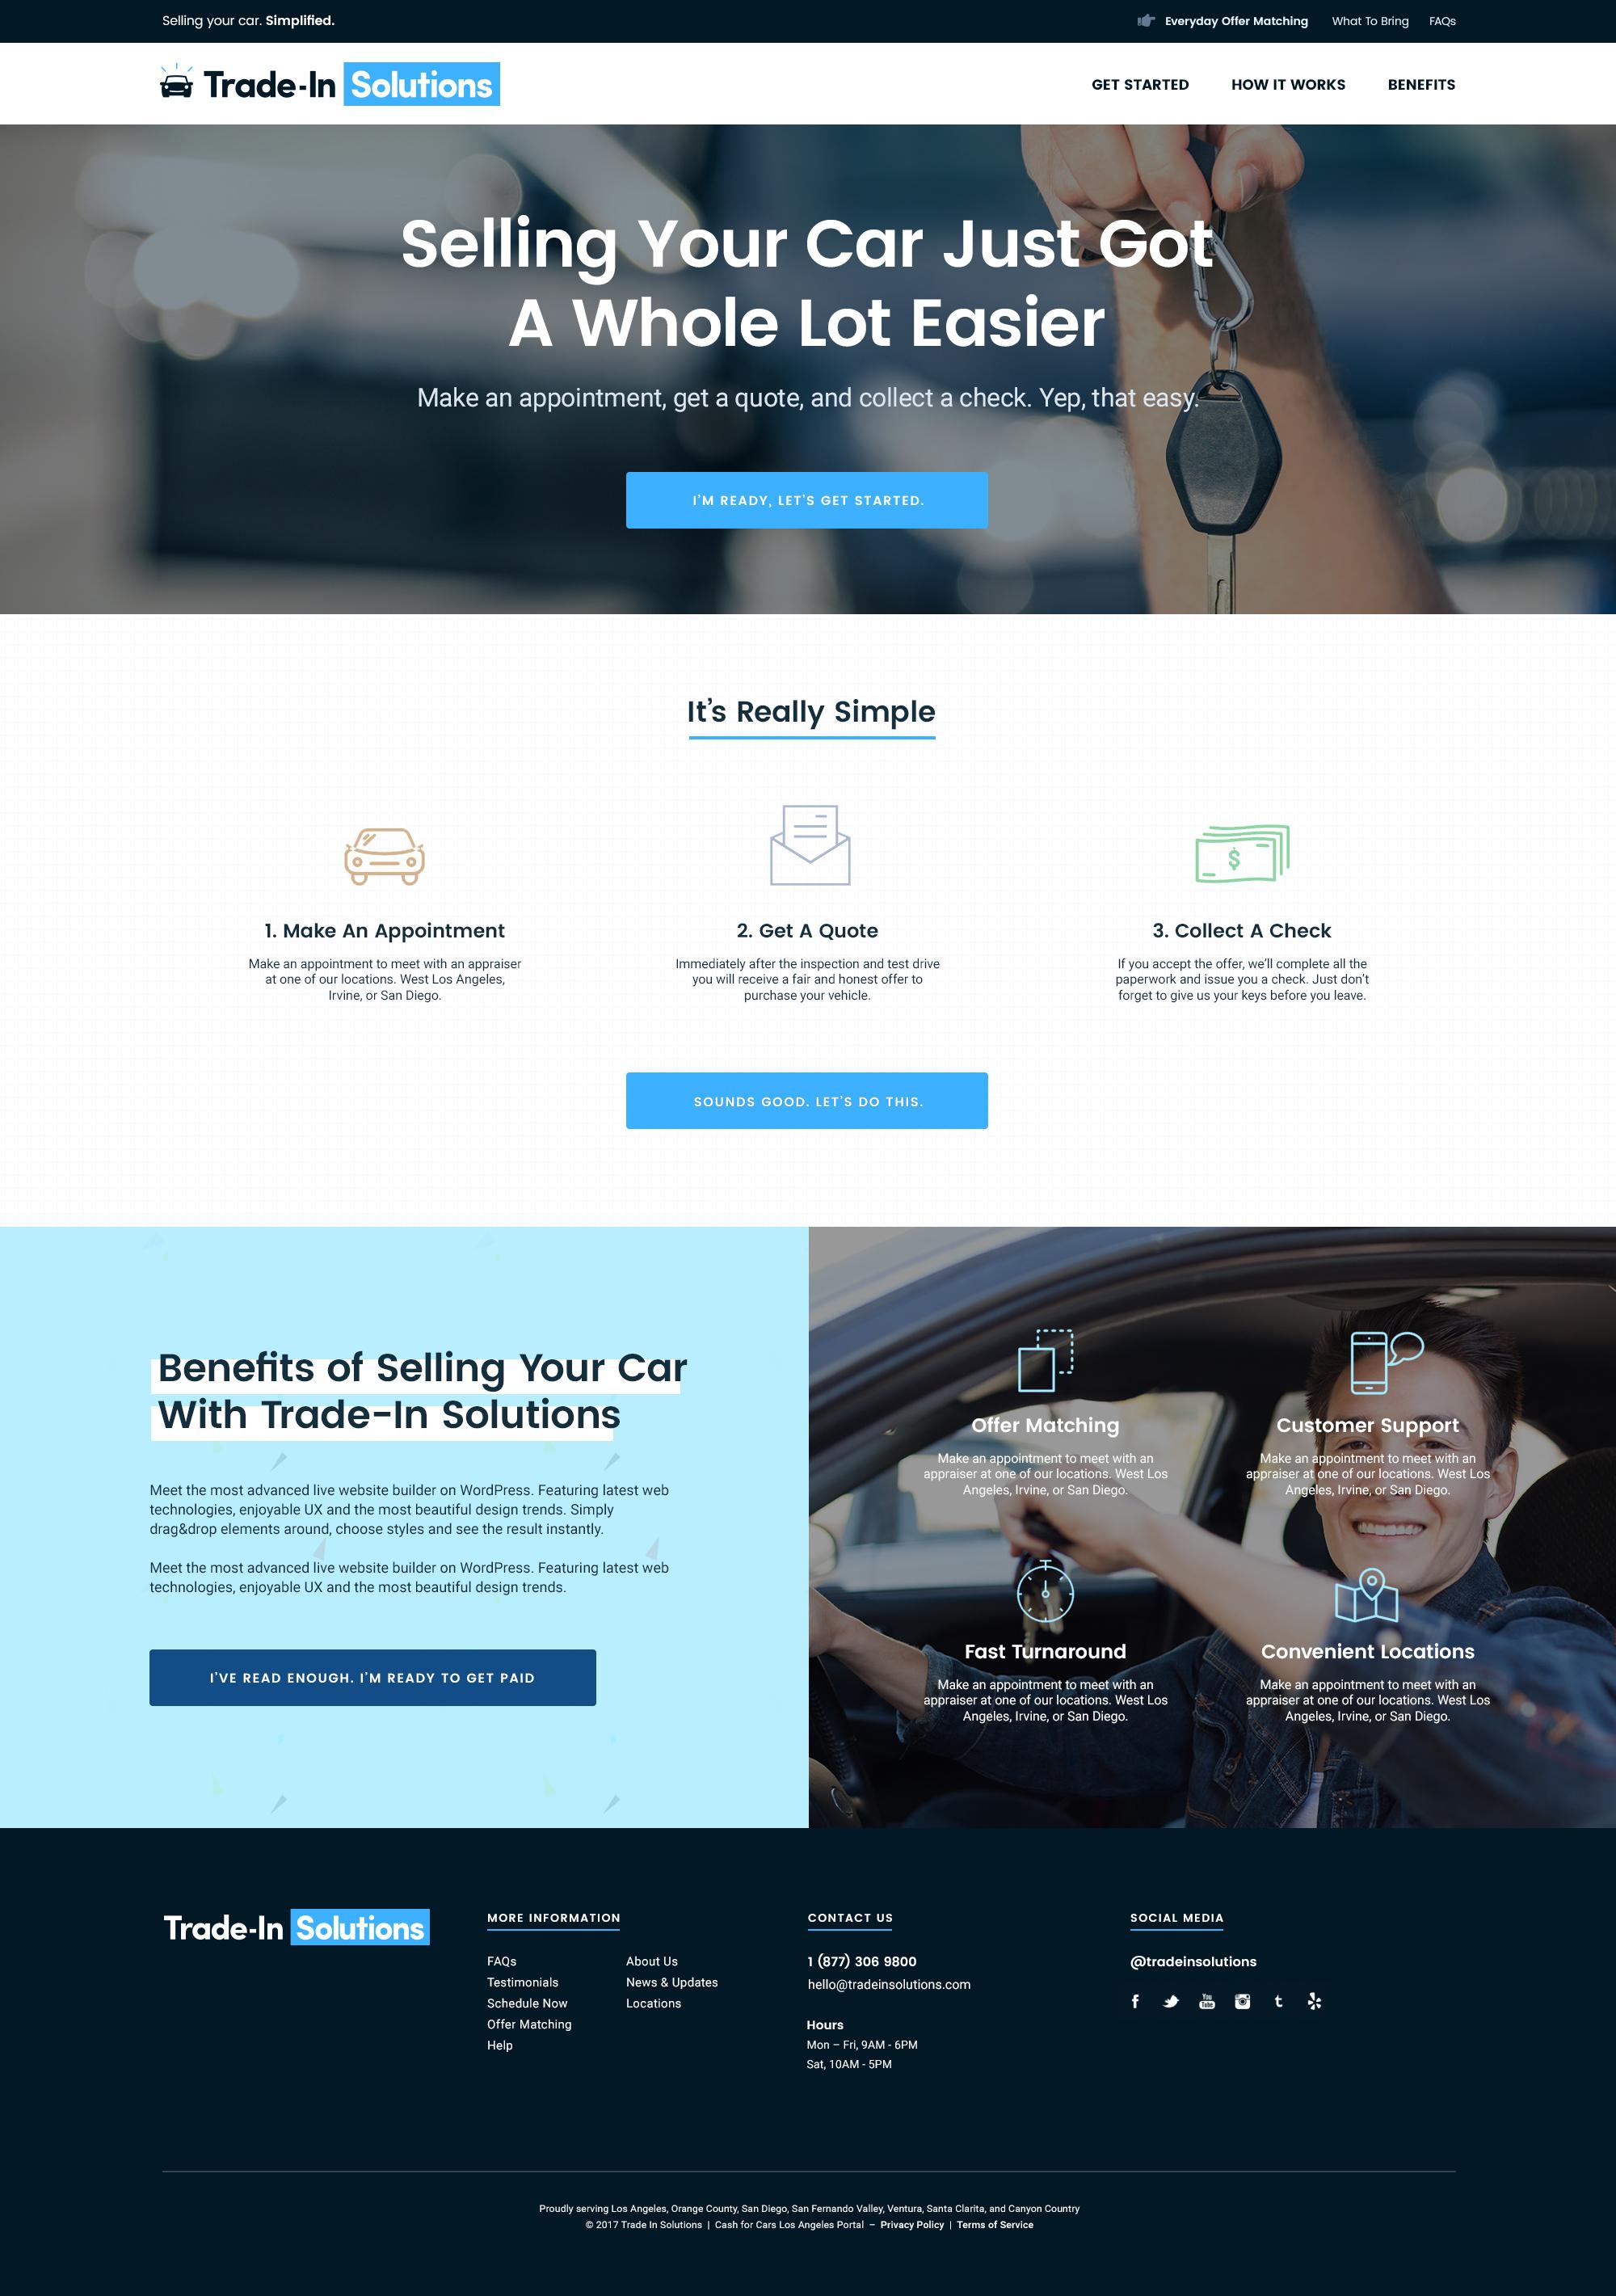 TIS-Homepage-V2